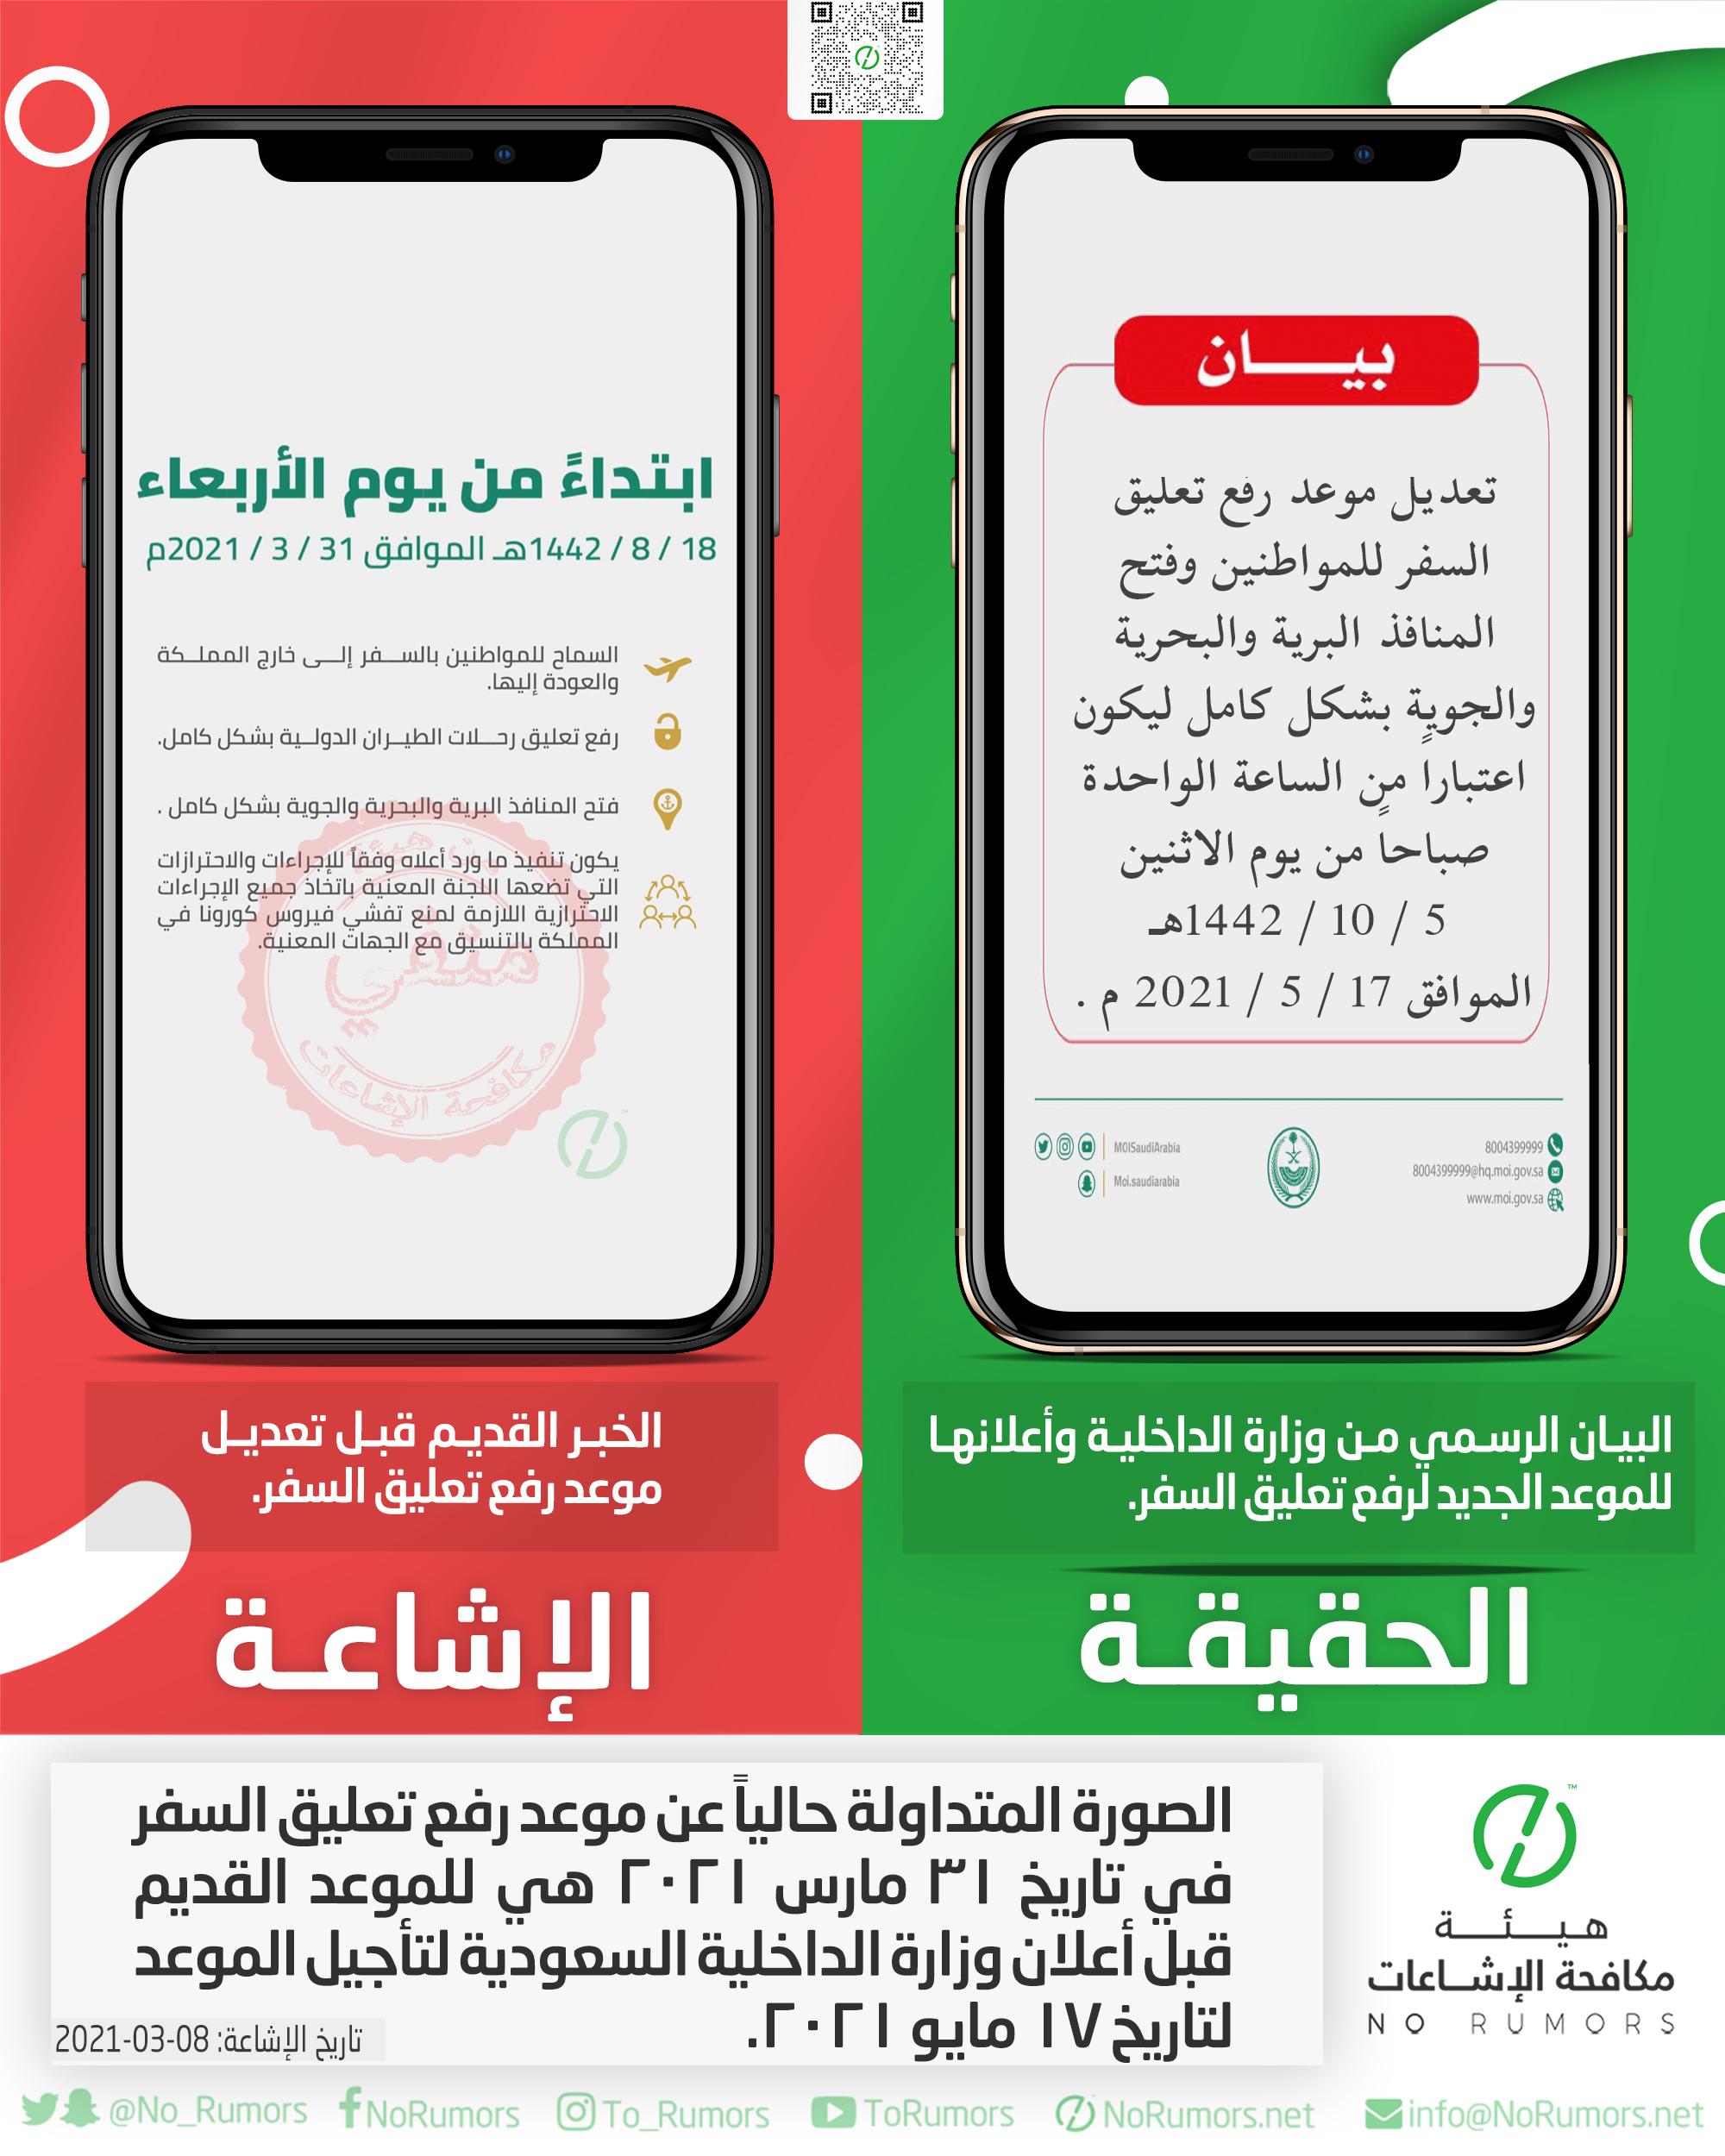 حقيقة الصورة المتداولة حالياً عن موعد رفع تعليق السفر في السعودية